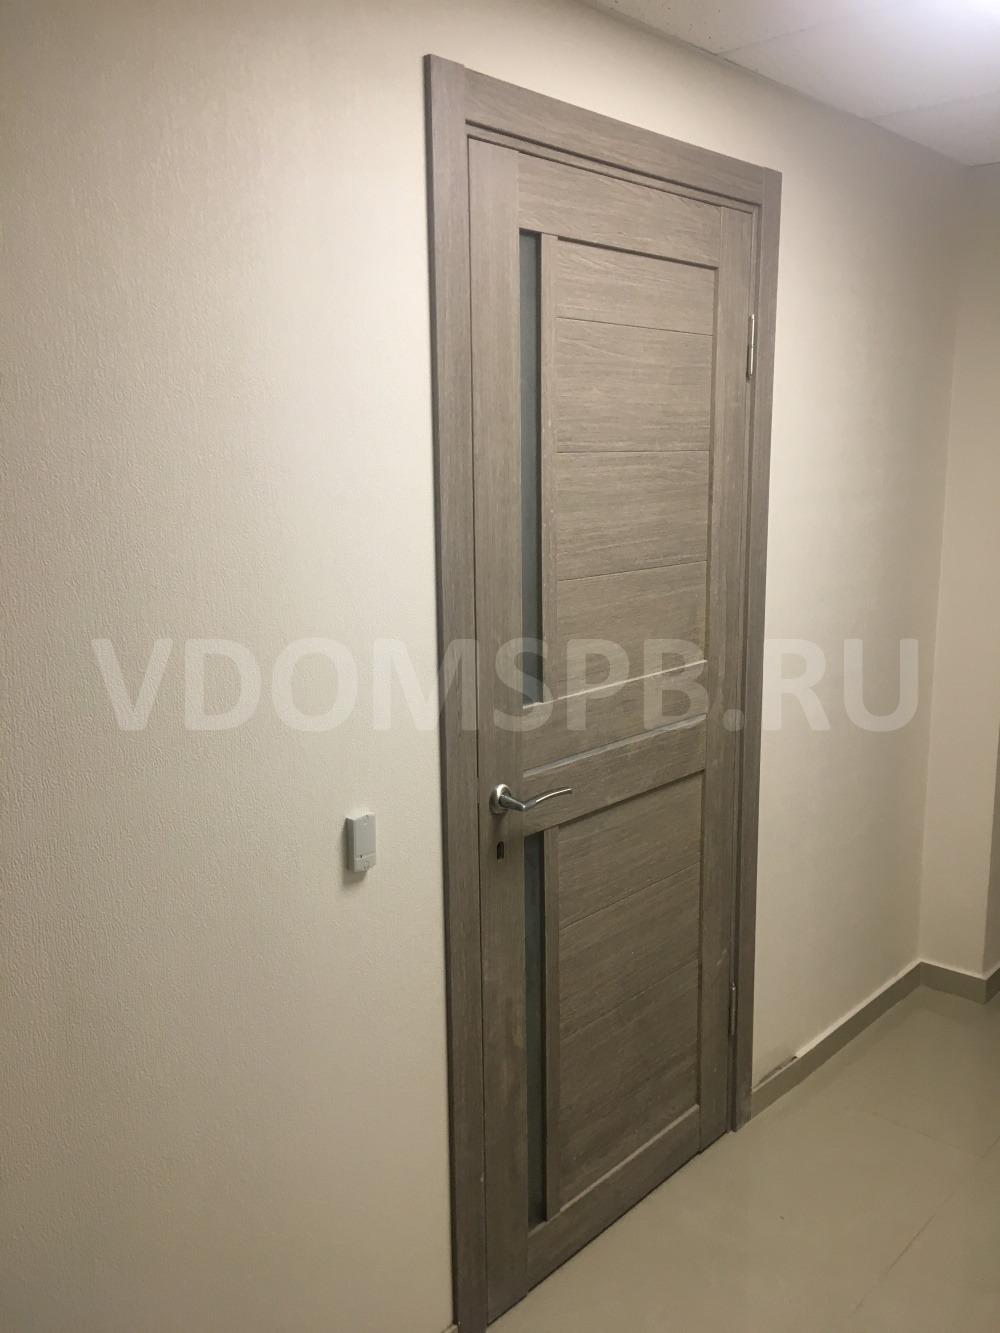 Межкомнатная дверь с покрытием из экошпона установленная в офисе